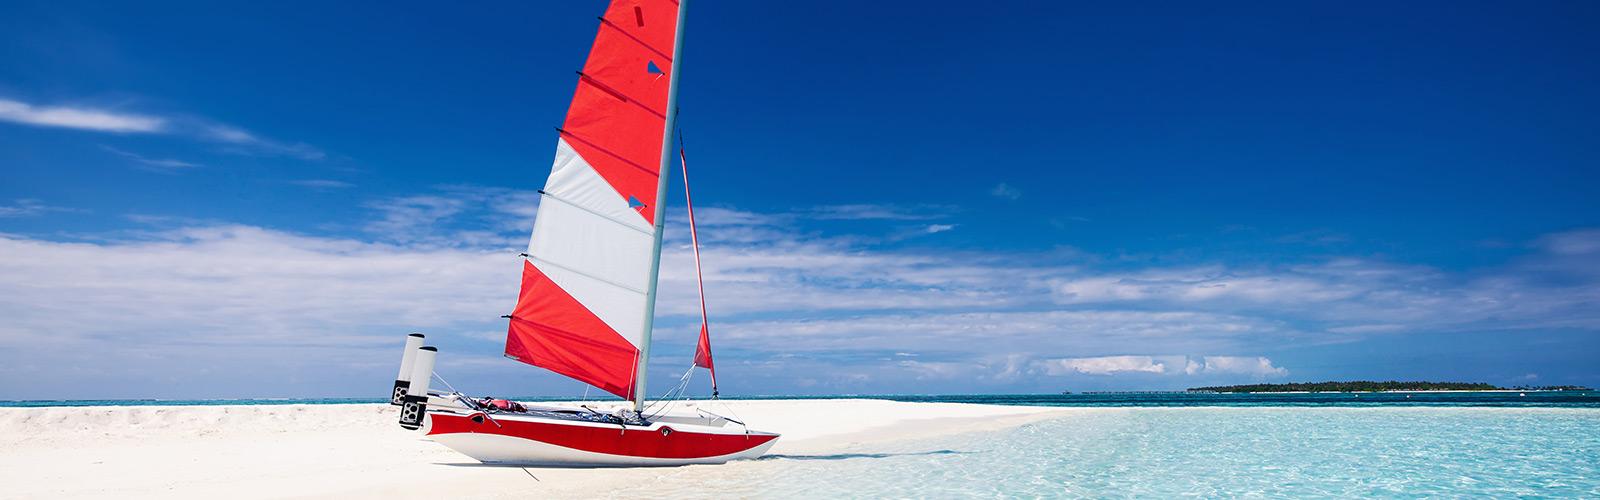 Catamaran sailing Maldives Watersports